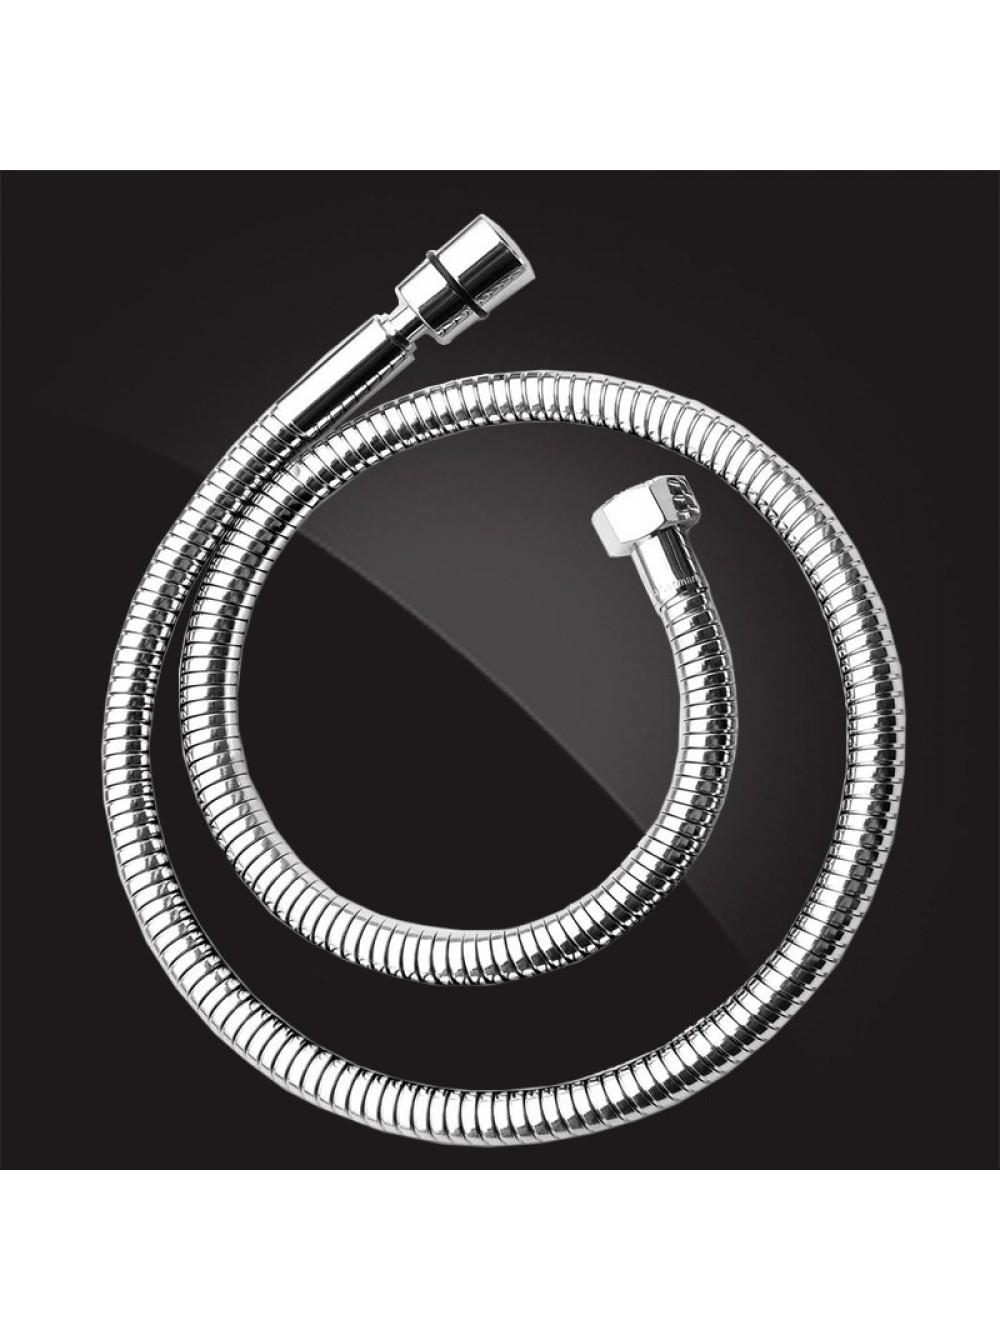 Душевой шланг Elghansa для гигиенических леек 80 -100 см с шарнирной гайкой, SH006-New, хром